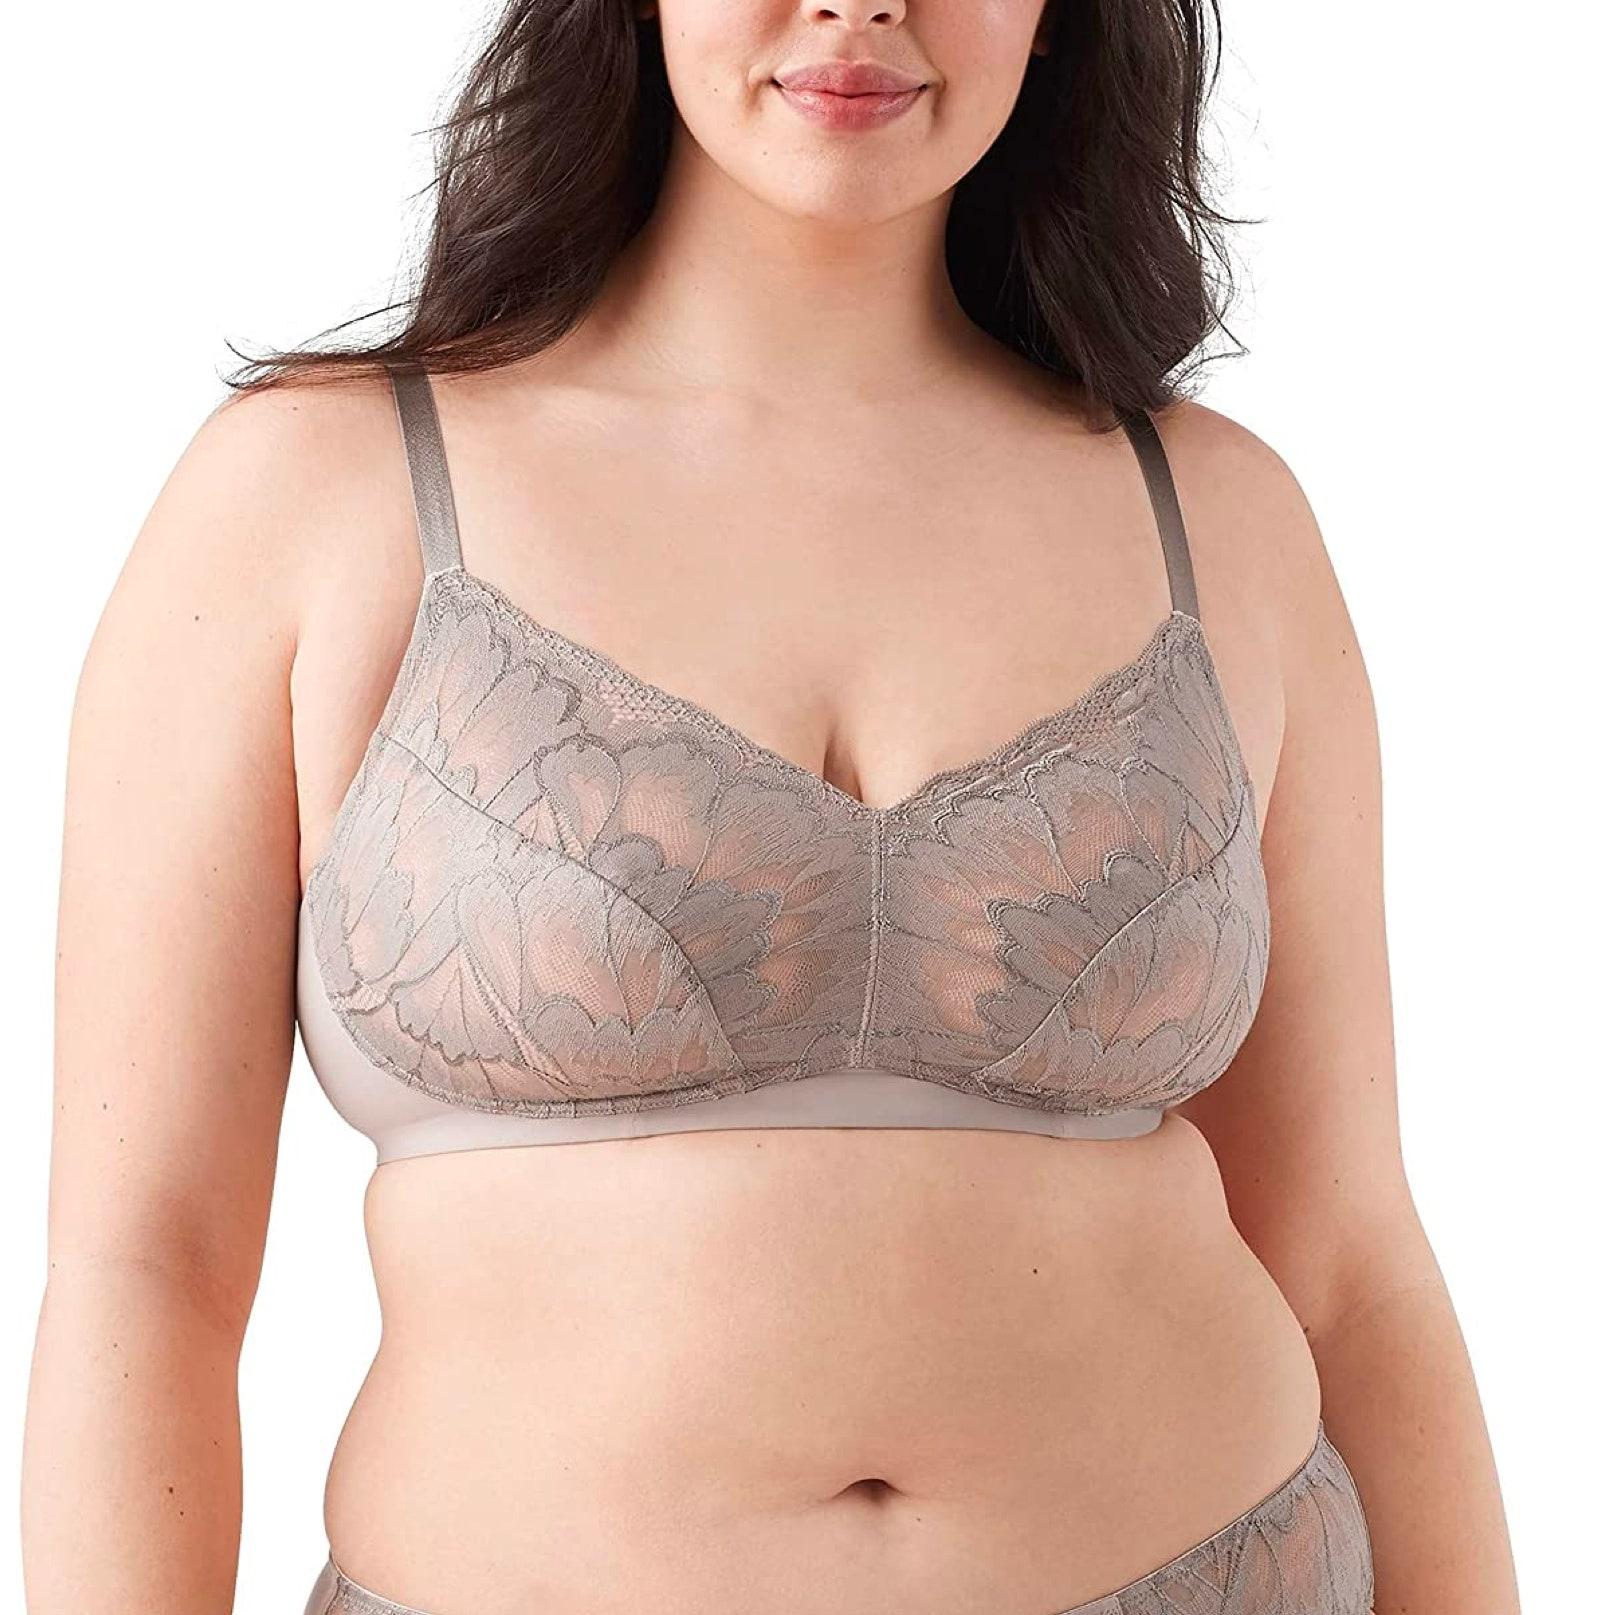 model wearing lace bra